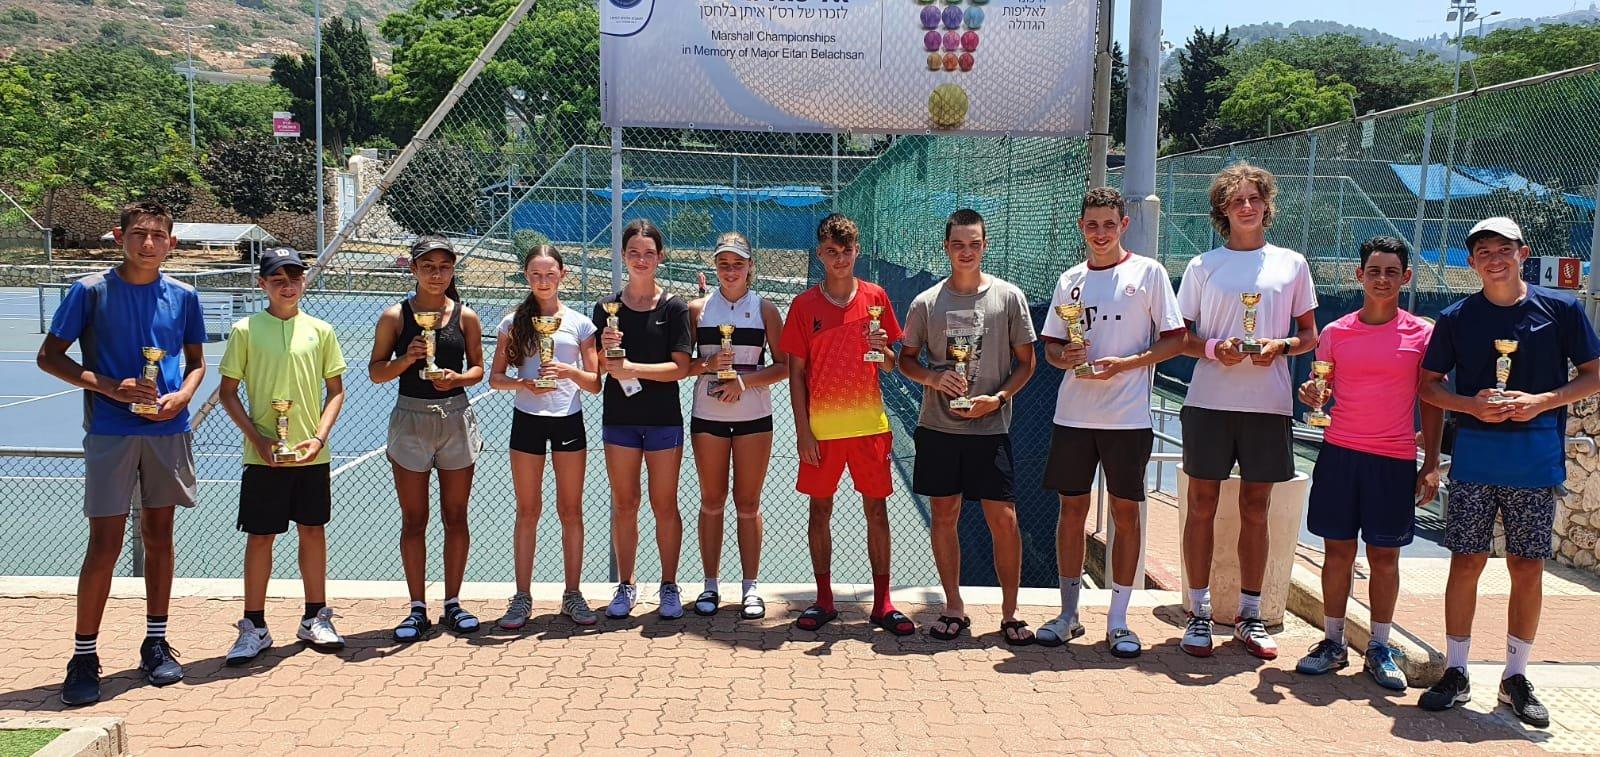 بطلة التنس الأرضي كاريمان بقاعي تواصل التحليق وتفوز بالمرتبة الثانية قطريًا-2